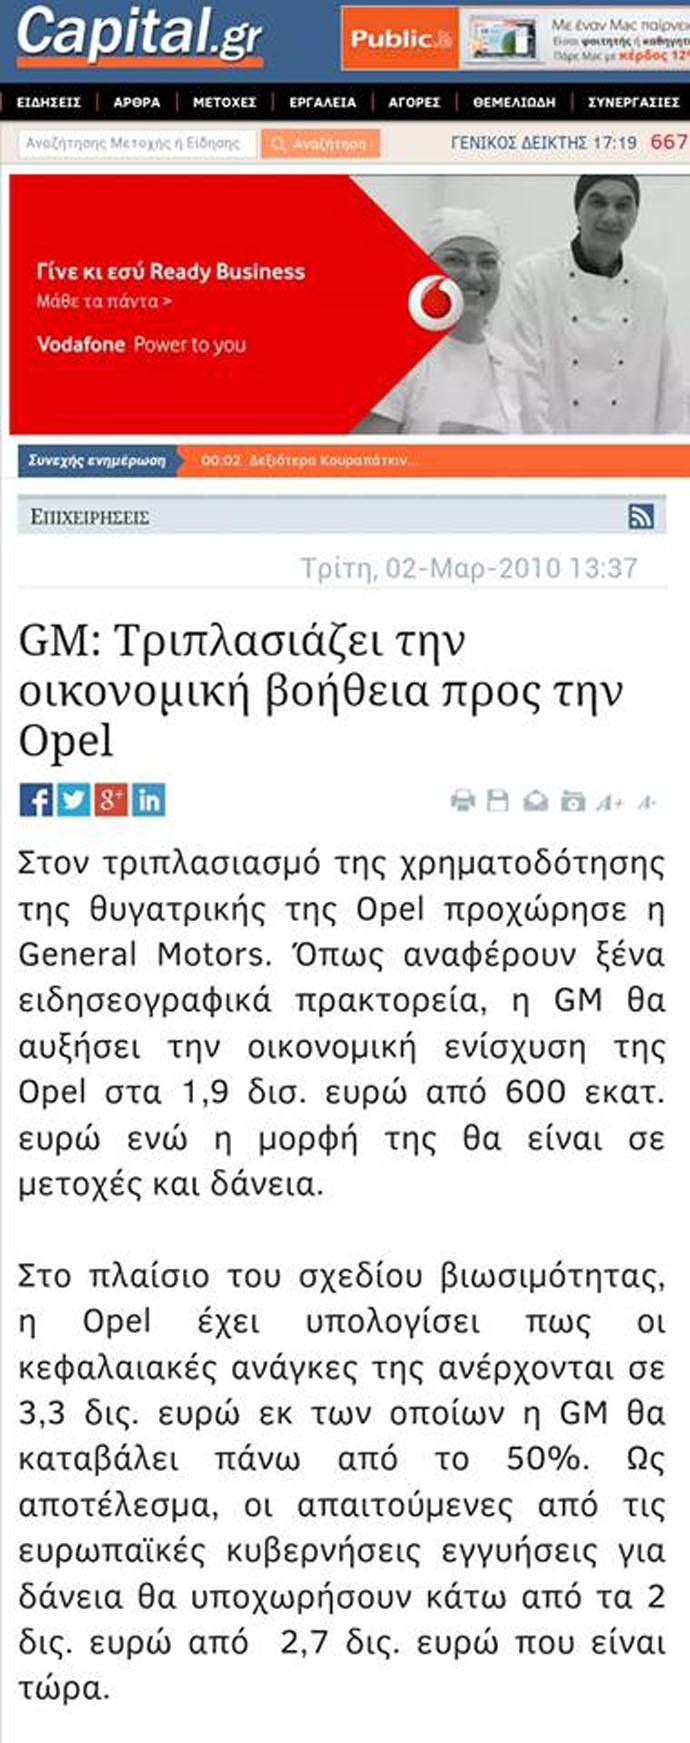 Ἡ γερμανικὴ αὐτοκινητοβιομηχανία (ποὺ ἀνήκει ΜΟΝΟΝ στοὺς Γερμανούς) στὸ στόχαστρο!!!8